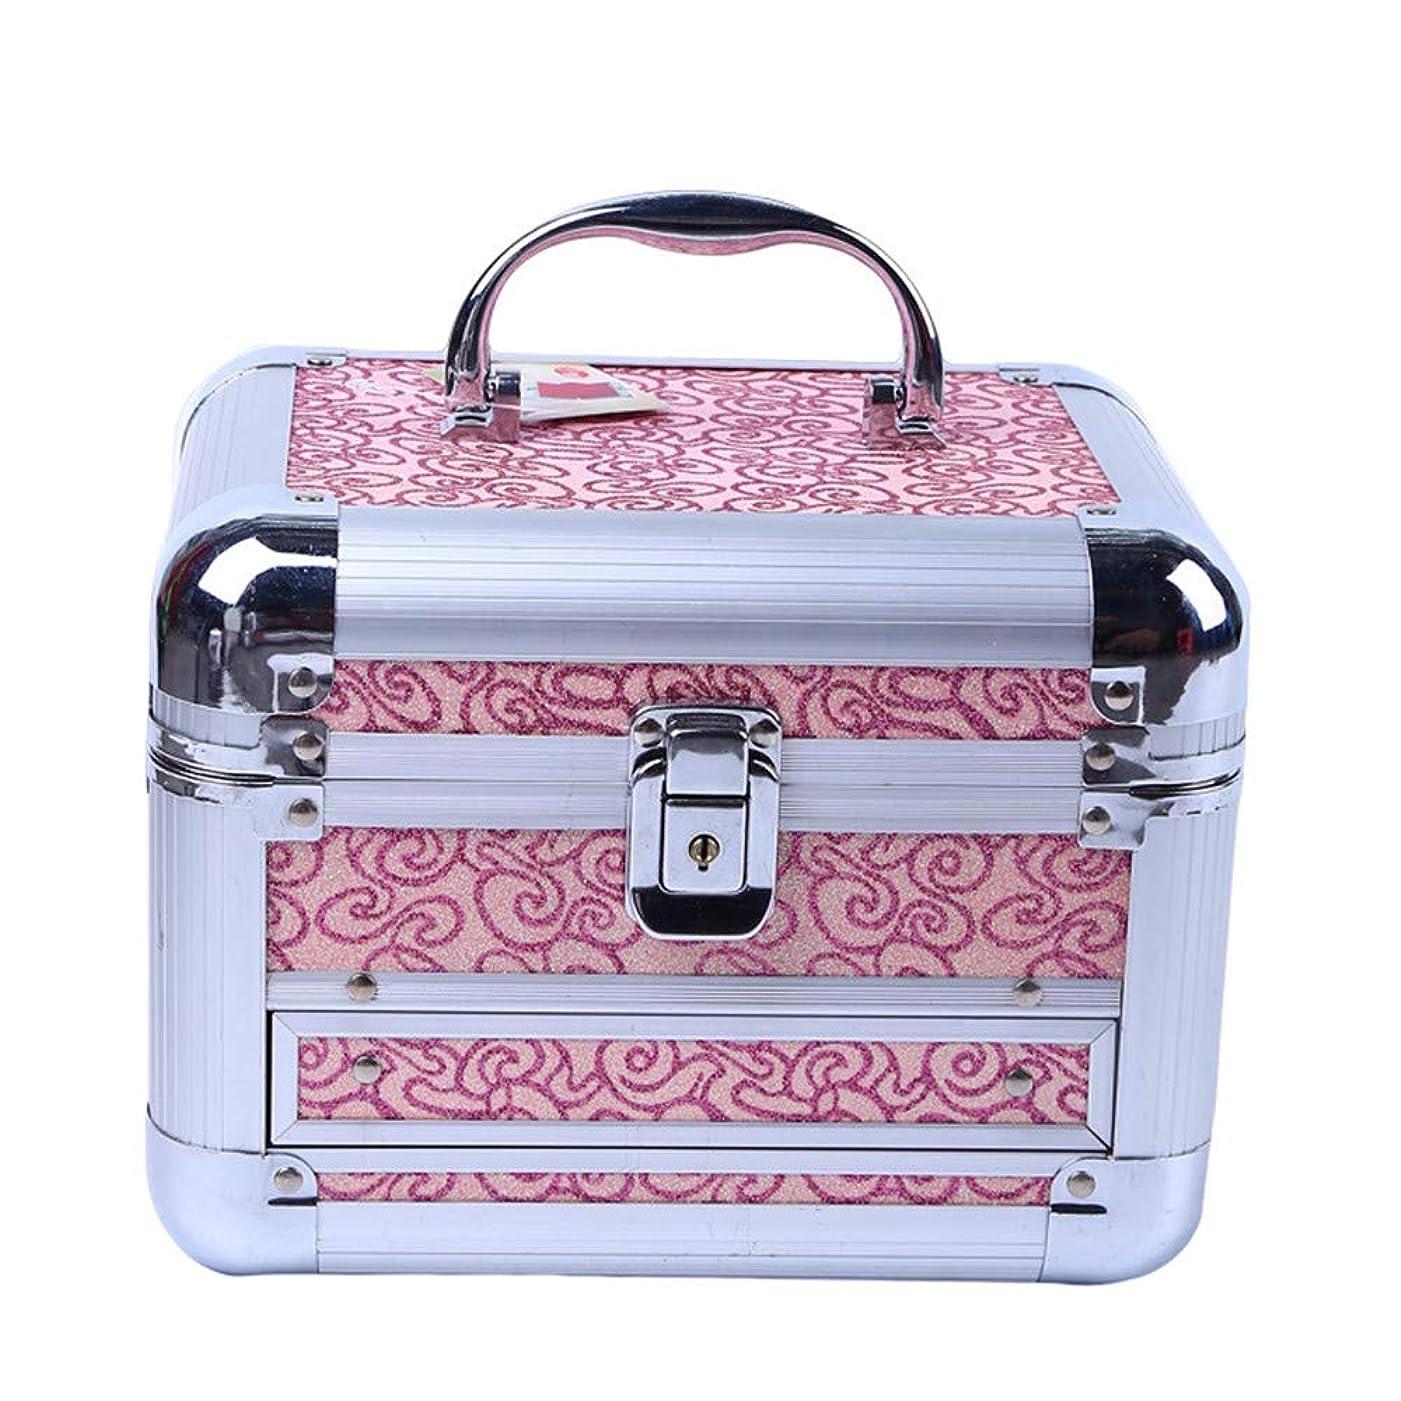 ニックネーム開業医バース化粧オーガナイザーバッグ 美容メイクアップのための大容量ポータブル化粧ケース、女子女性のための化粧鏡と折り畳みトレイと旅行と毎日のストレージ 化粧品ケース